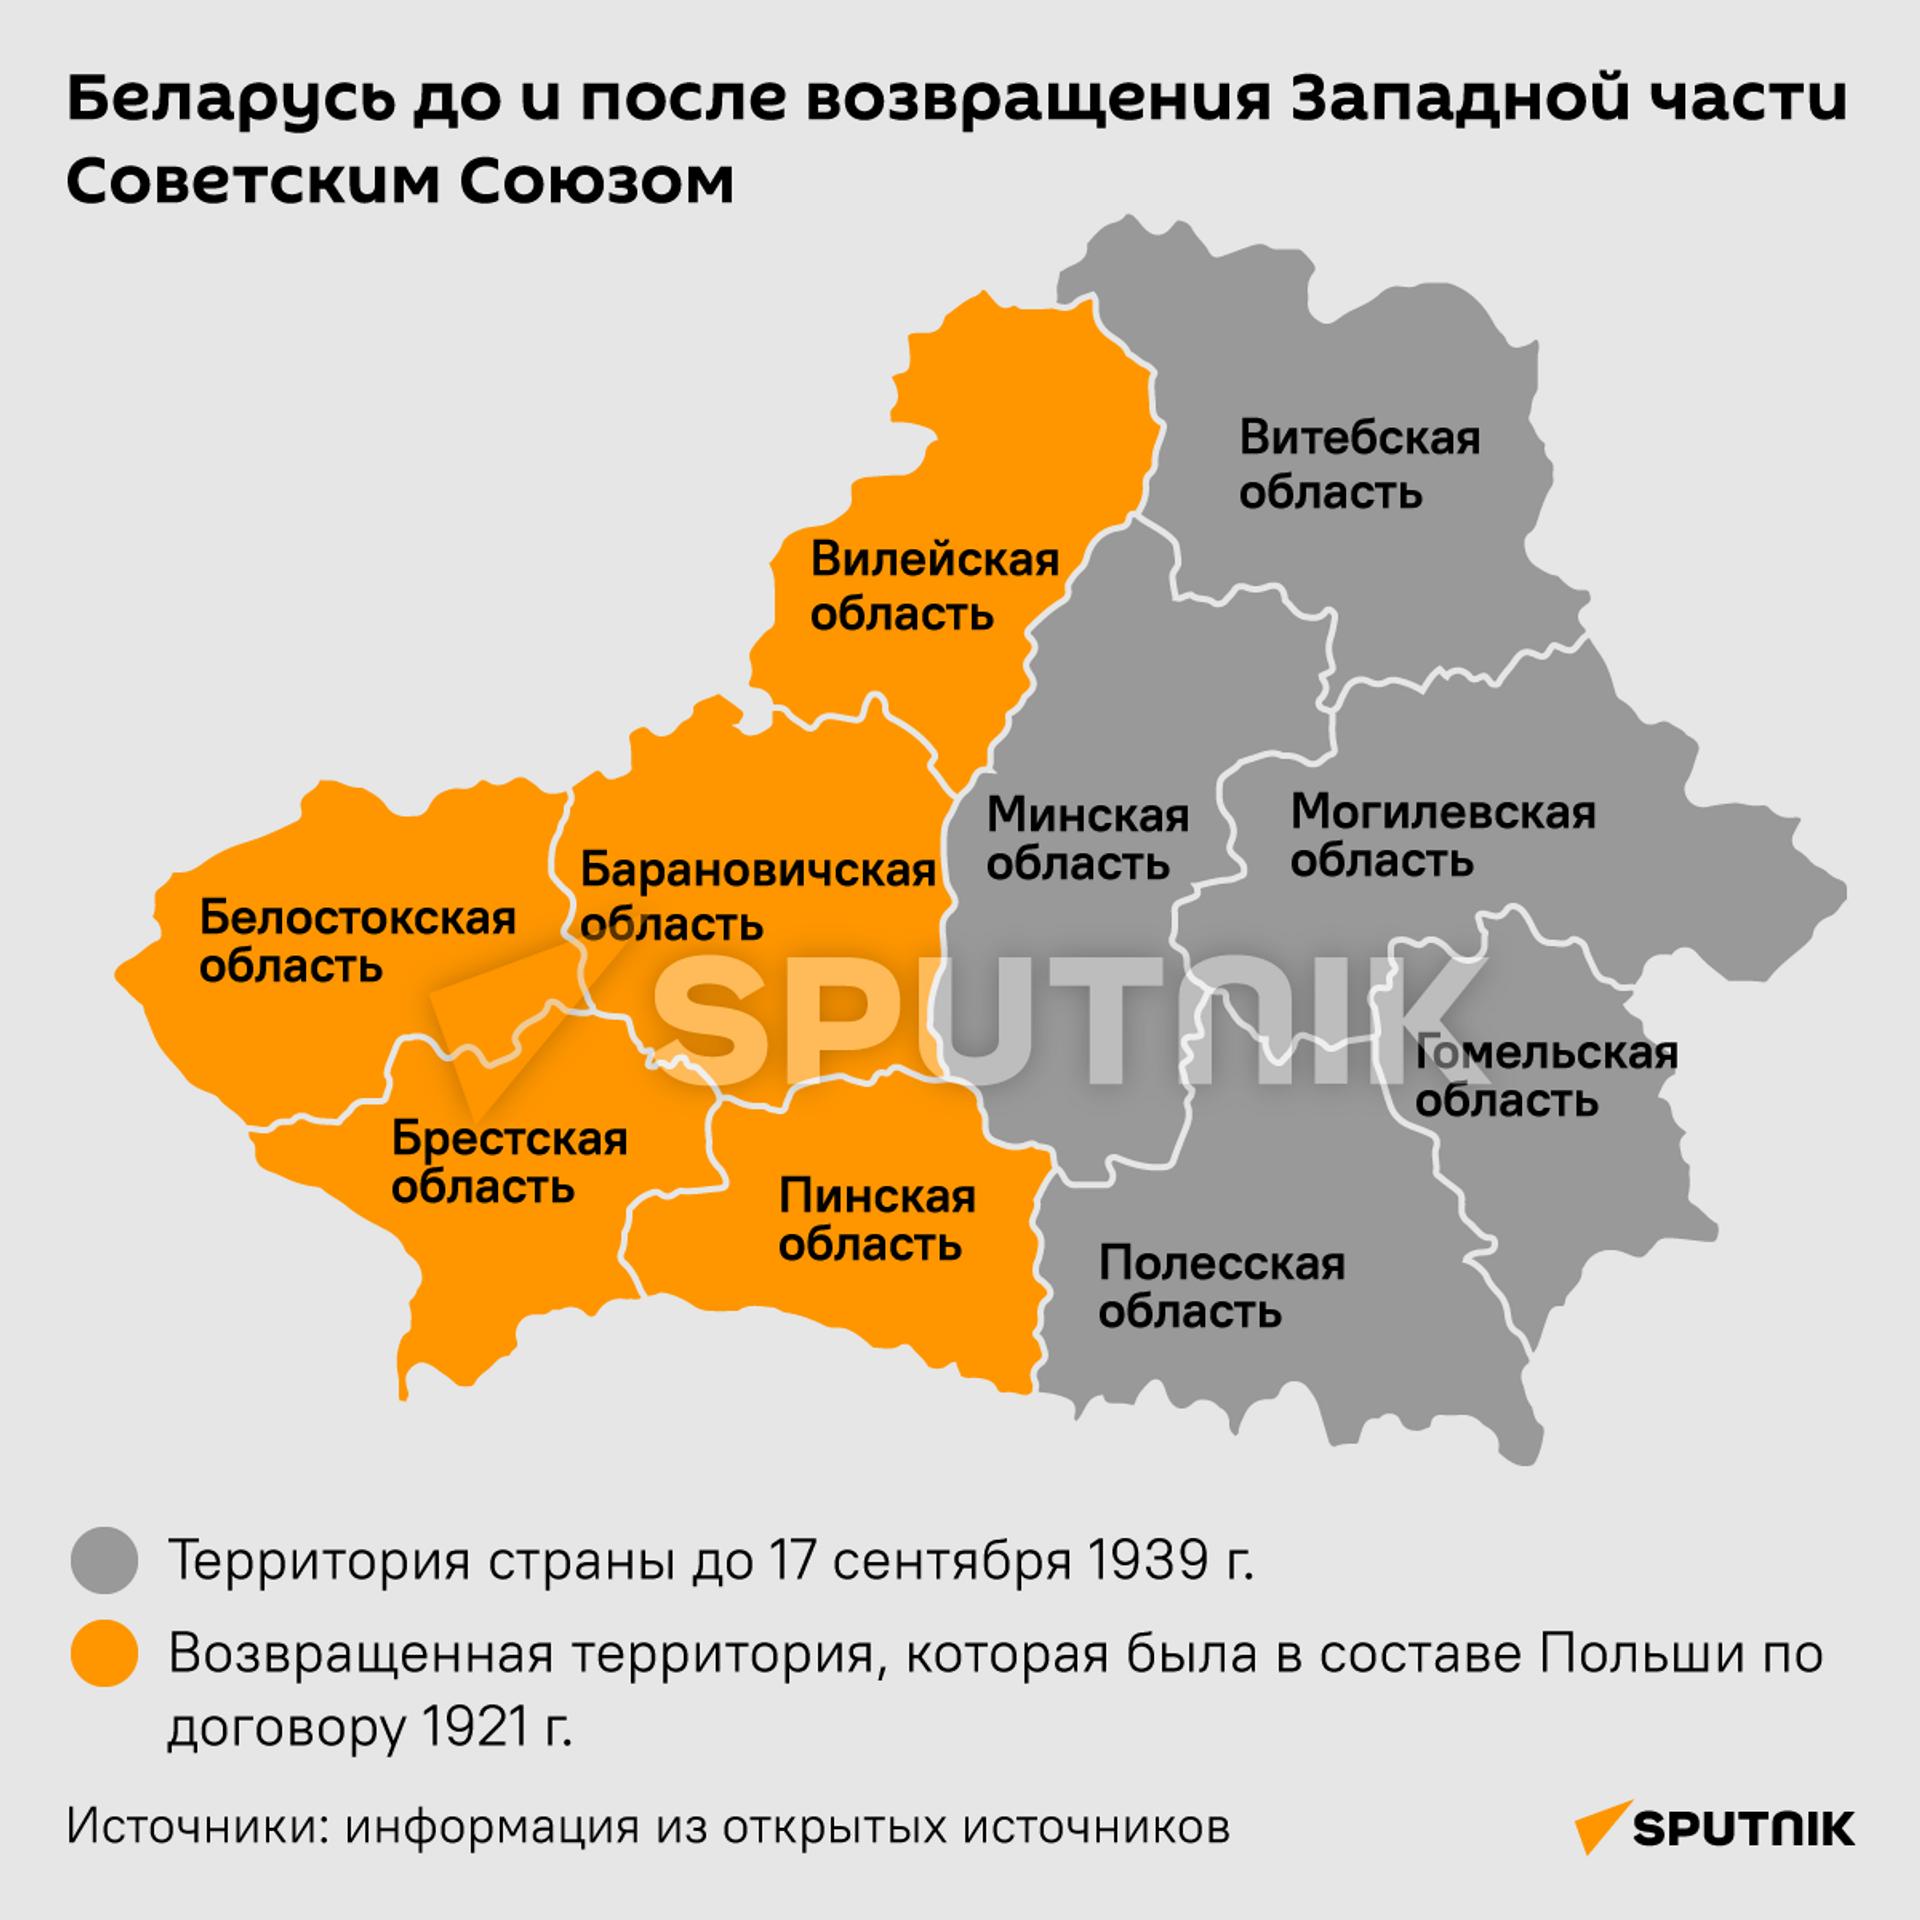 Беларусь до и после возвращения земель в 1939-м - Sputnik Беларусь, 1920, 17.09.2021